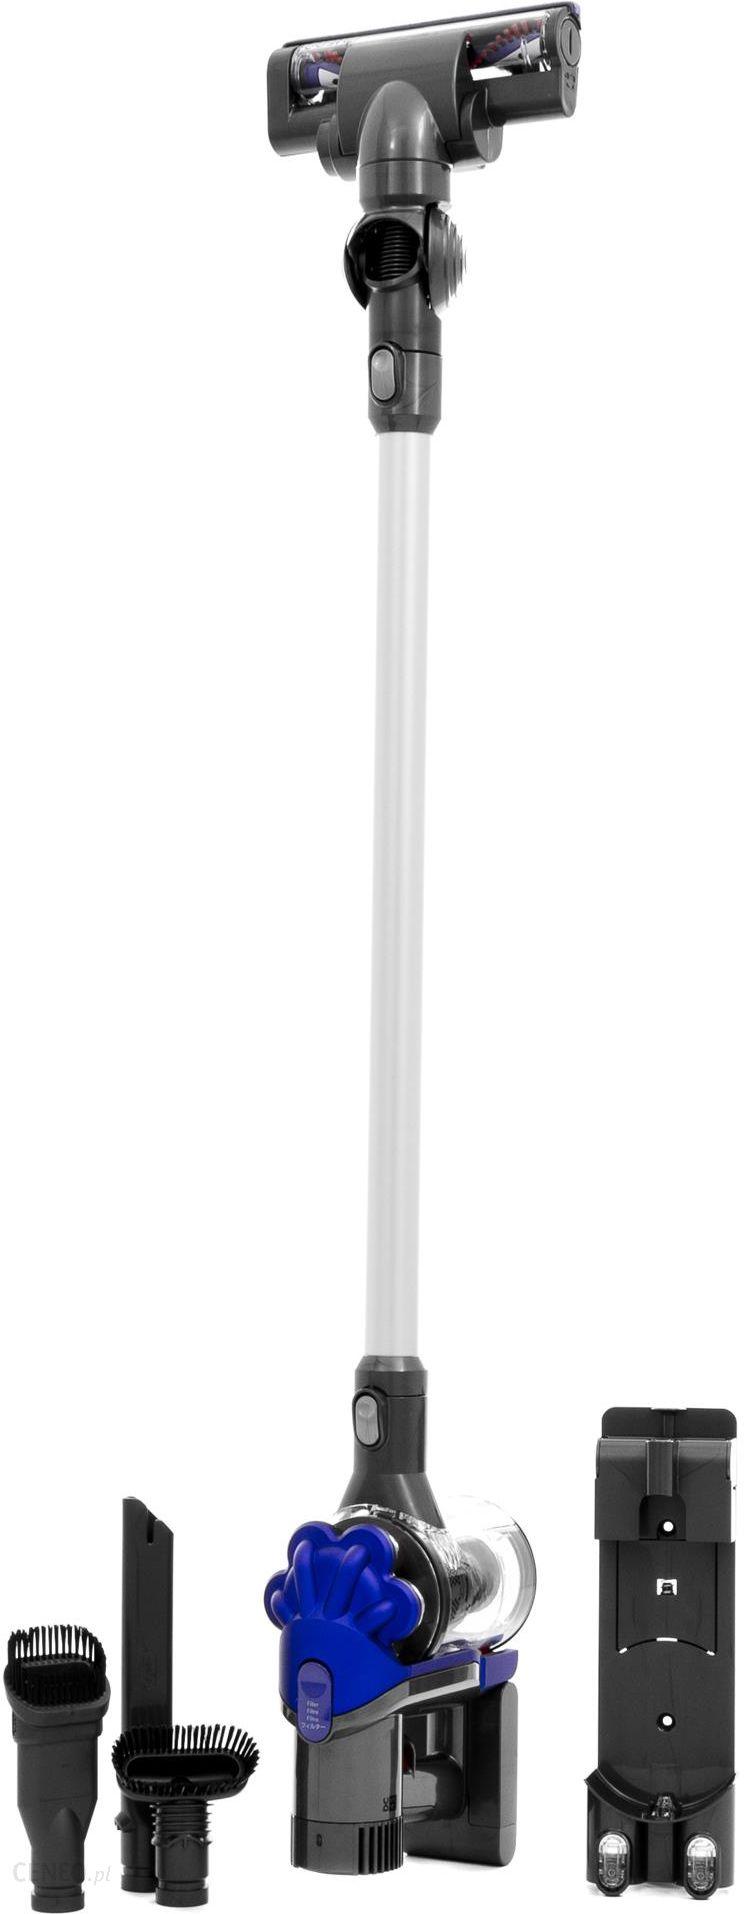 Dyson dc 45 вентилятор dyson принцип действия